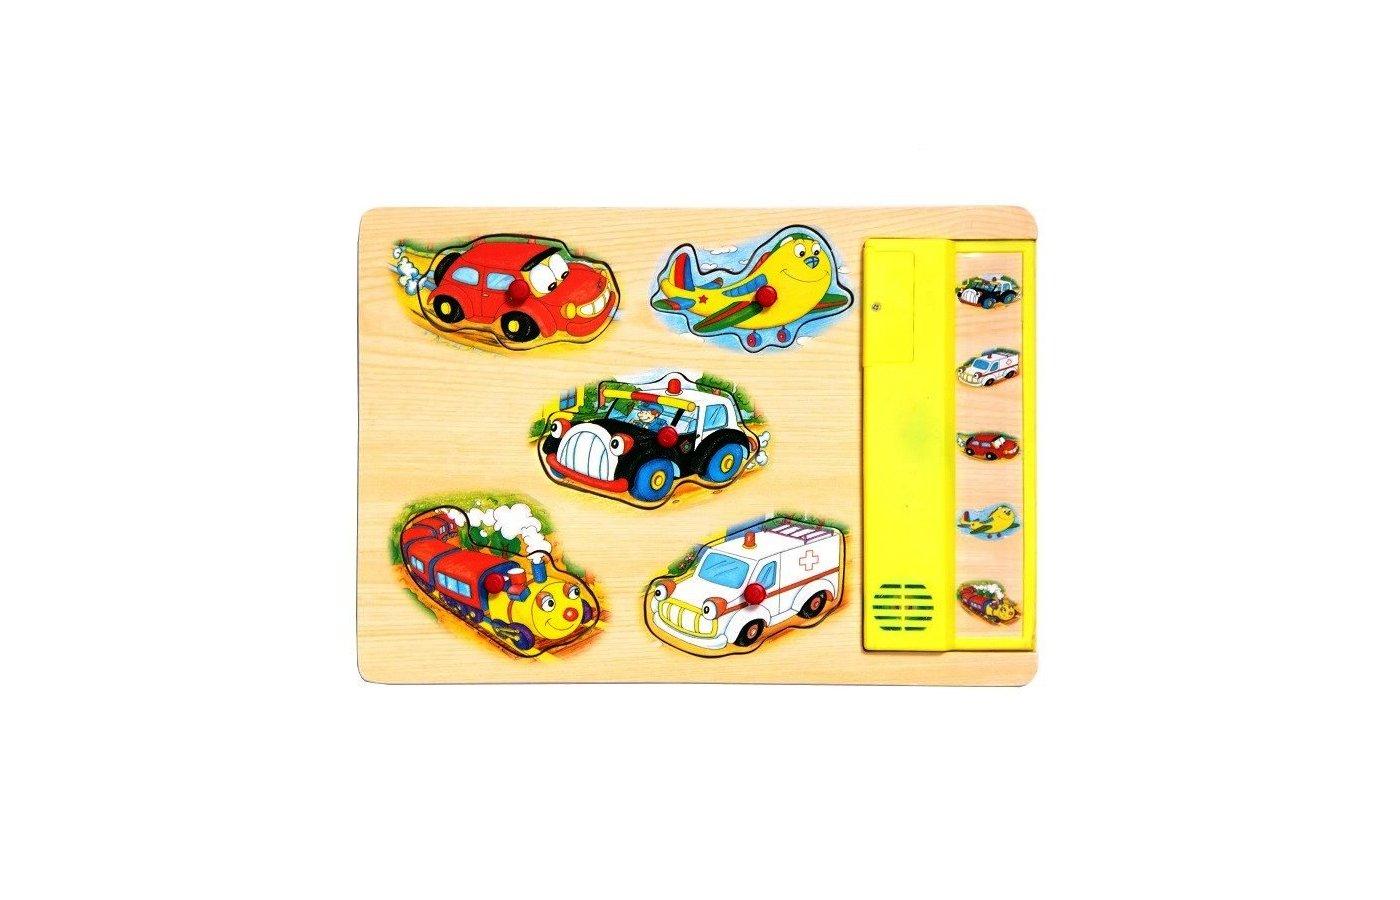 Игрушка Altacto M8020A Деревянная звуковая игрушка Транспорт